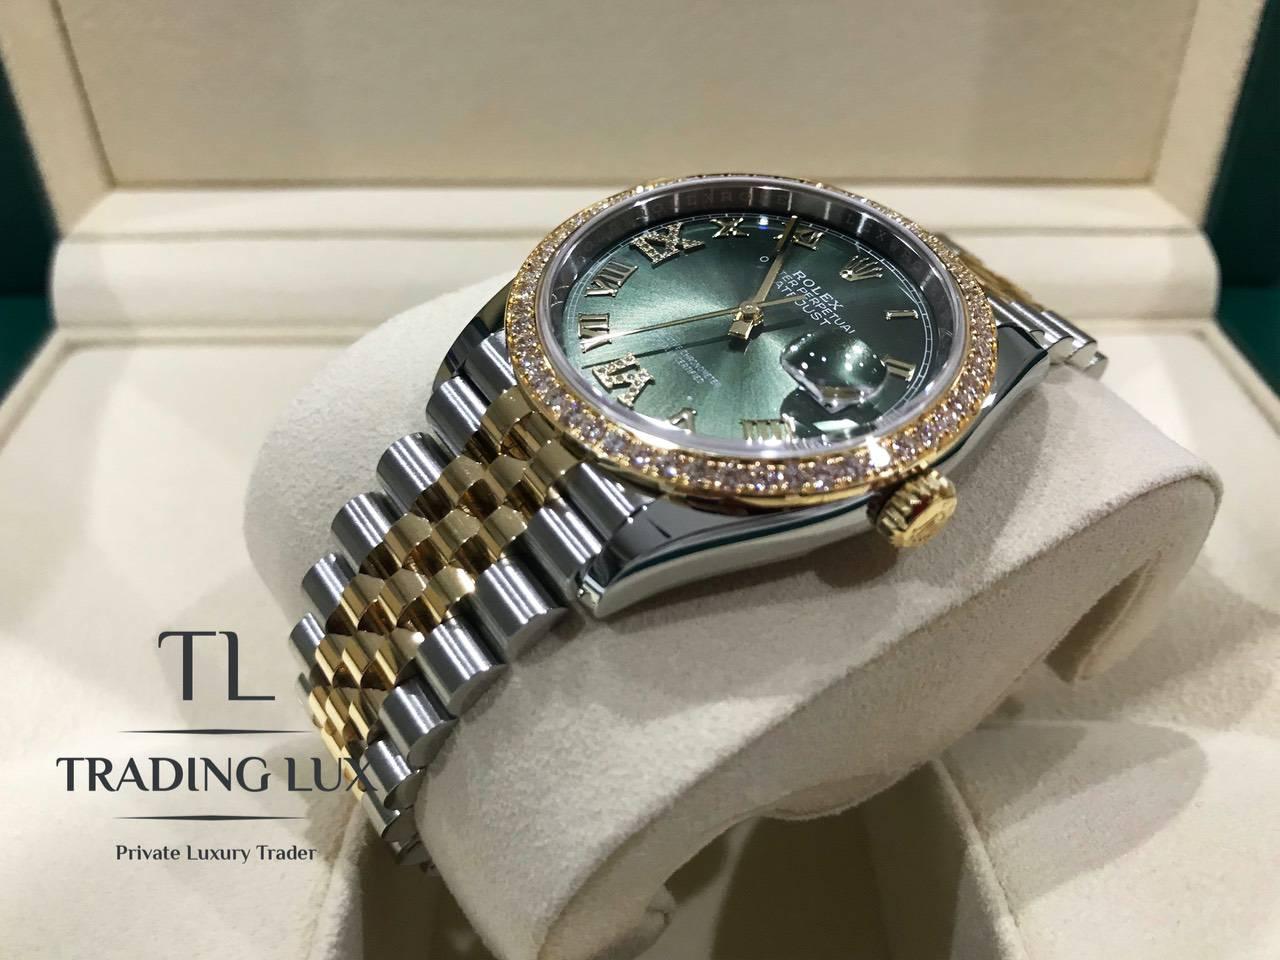 Rolex-Datejust-126283RBR-7